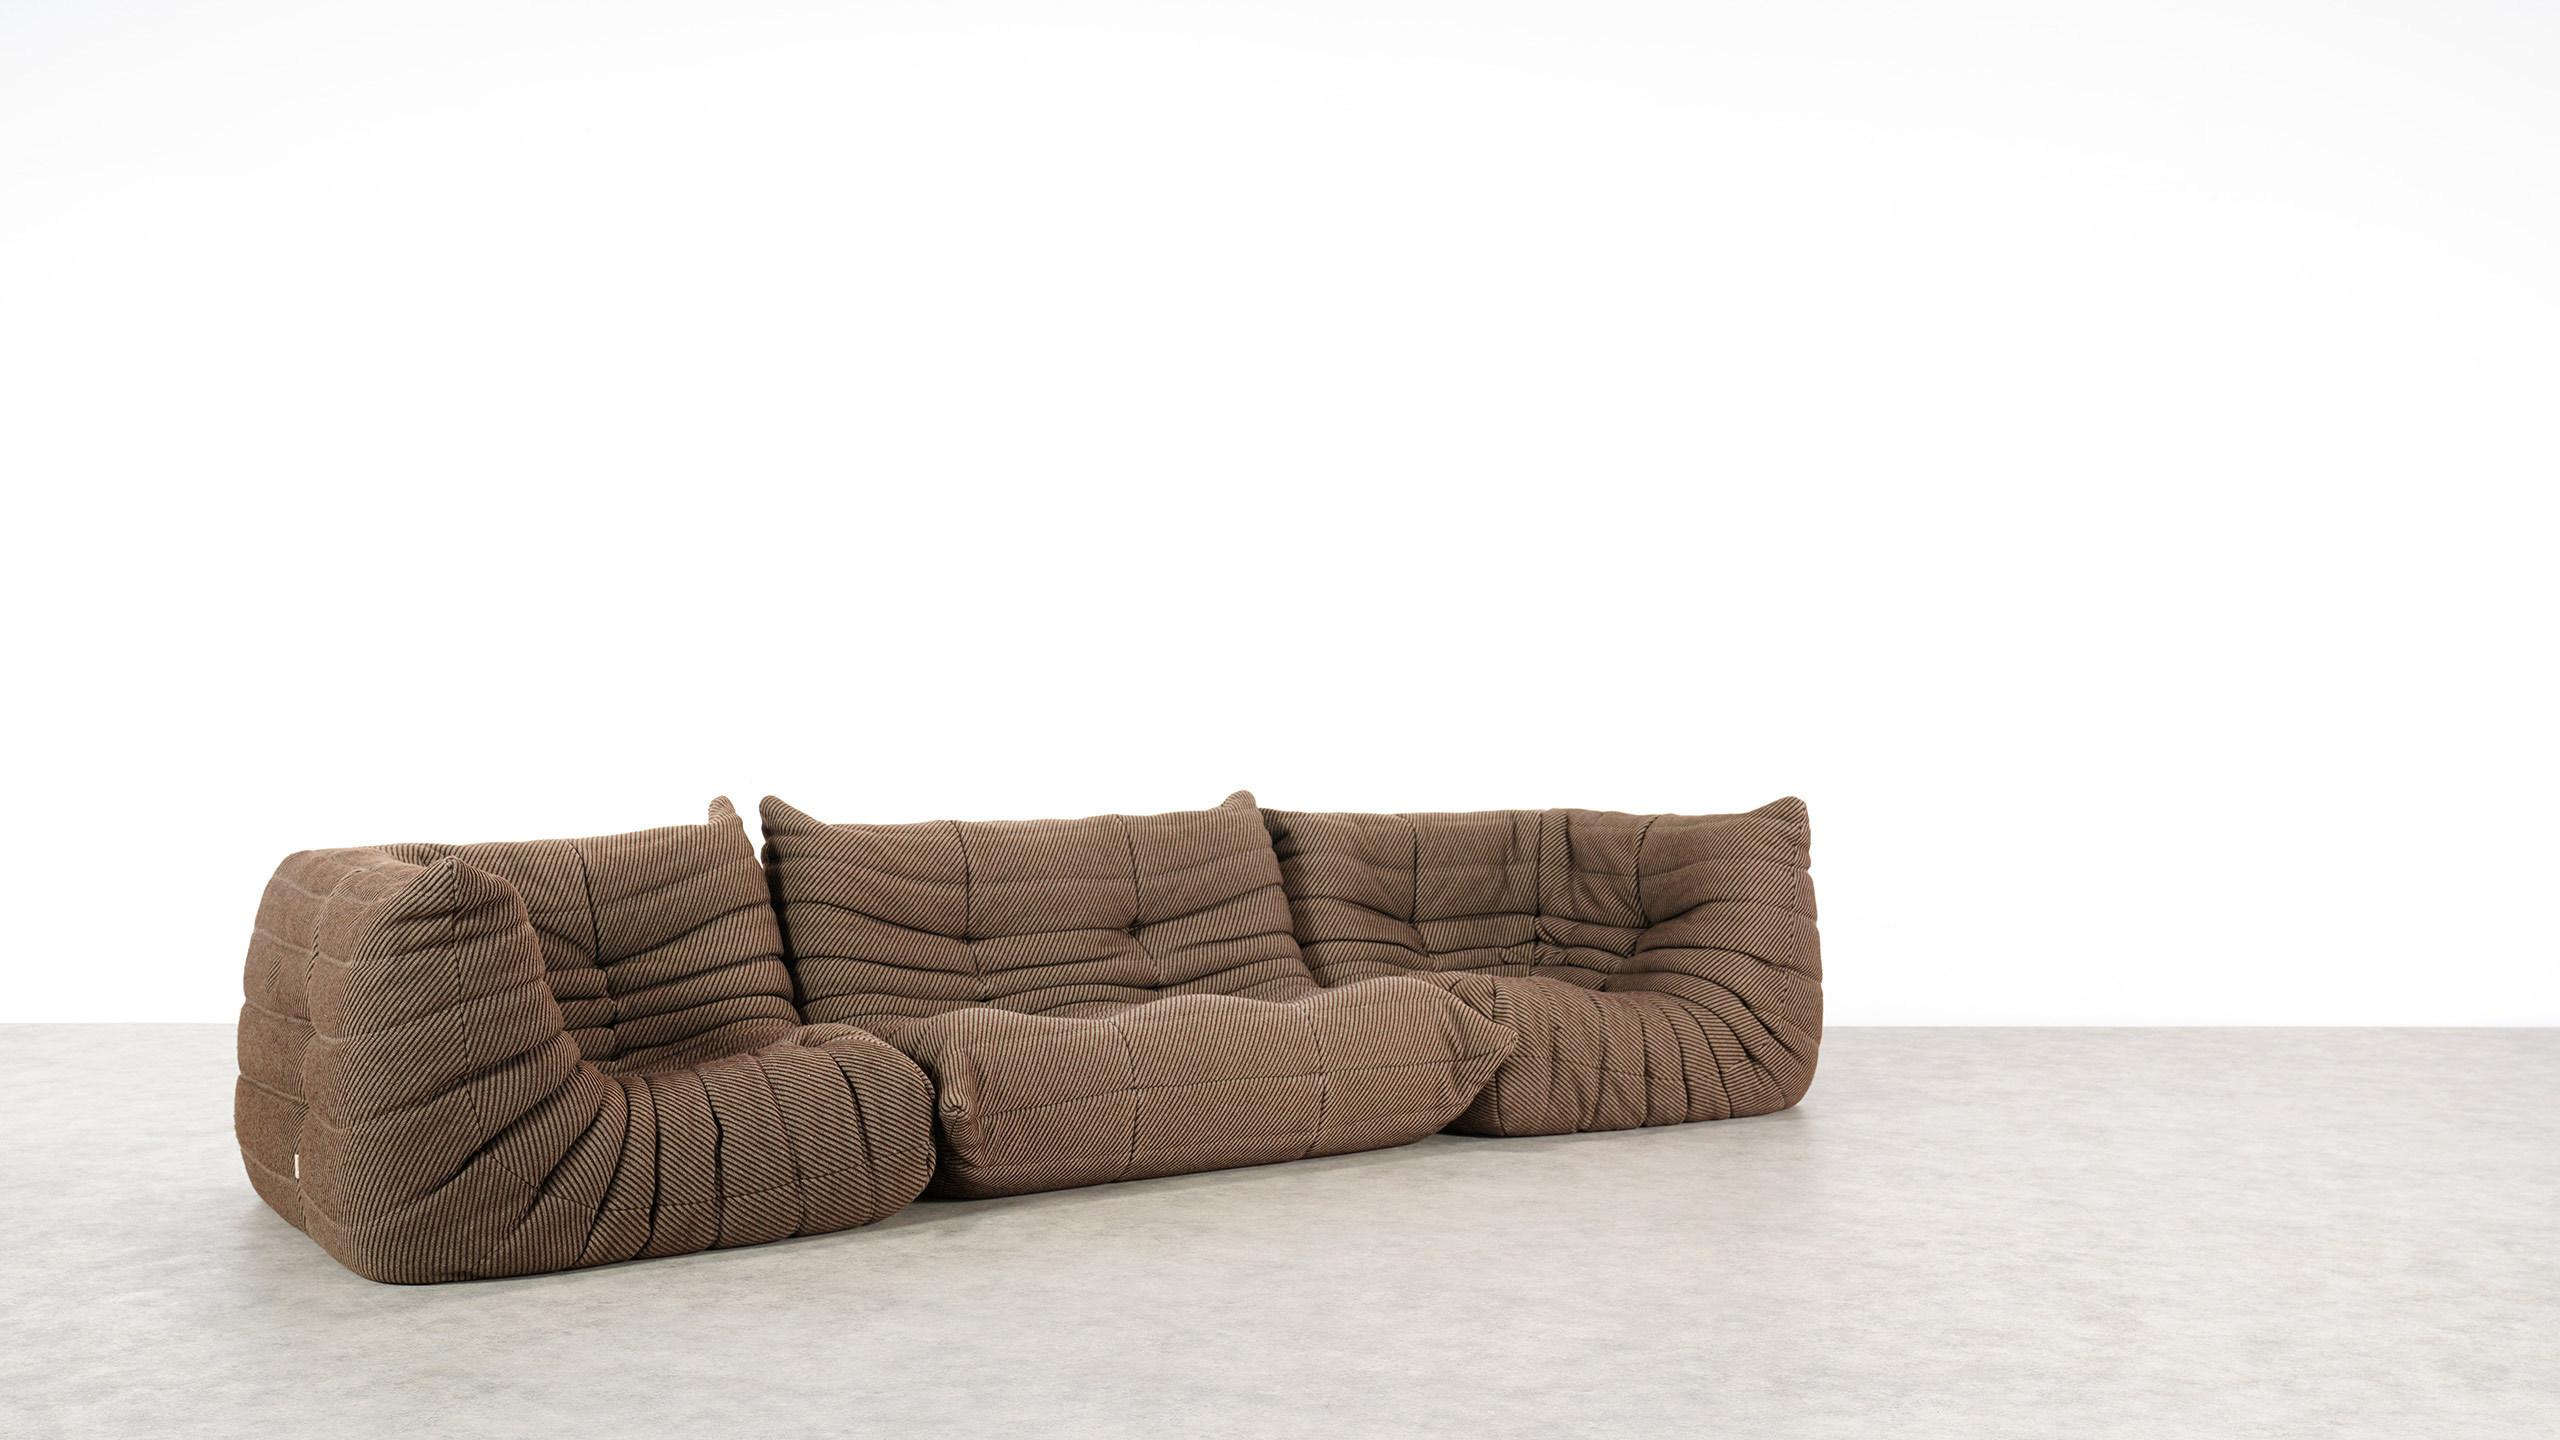 Full Size of Ligne Roset Togo Sofa Replica Dimensions Preis Ebay Uk Australia Couch Gebraucht For Sale Kaufen Style Samt Polsterreiniger Arten Rattan Garten Sitzhöhe 55 Cm Sofa Togo Sofa